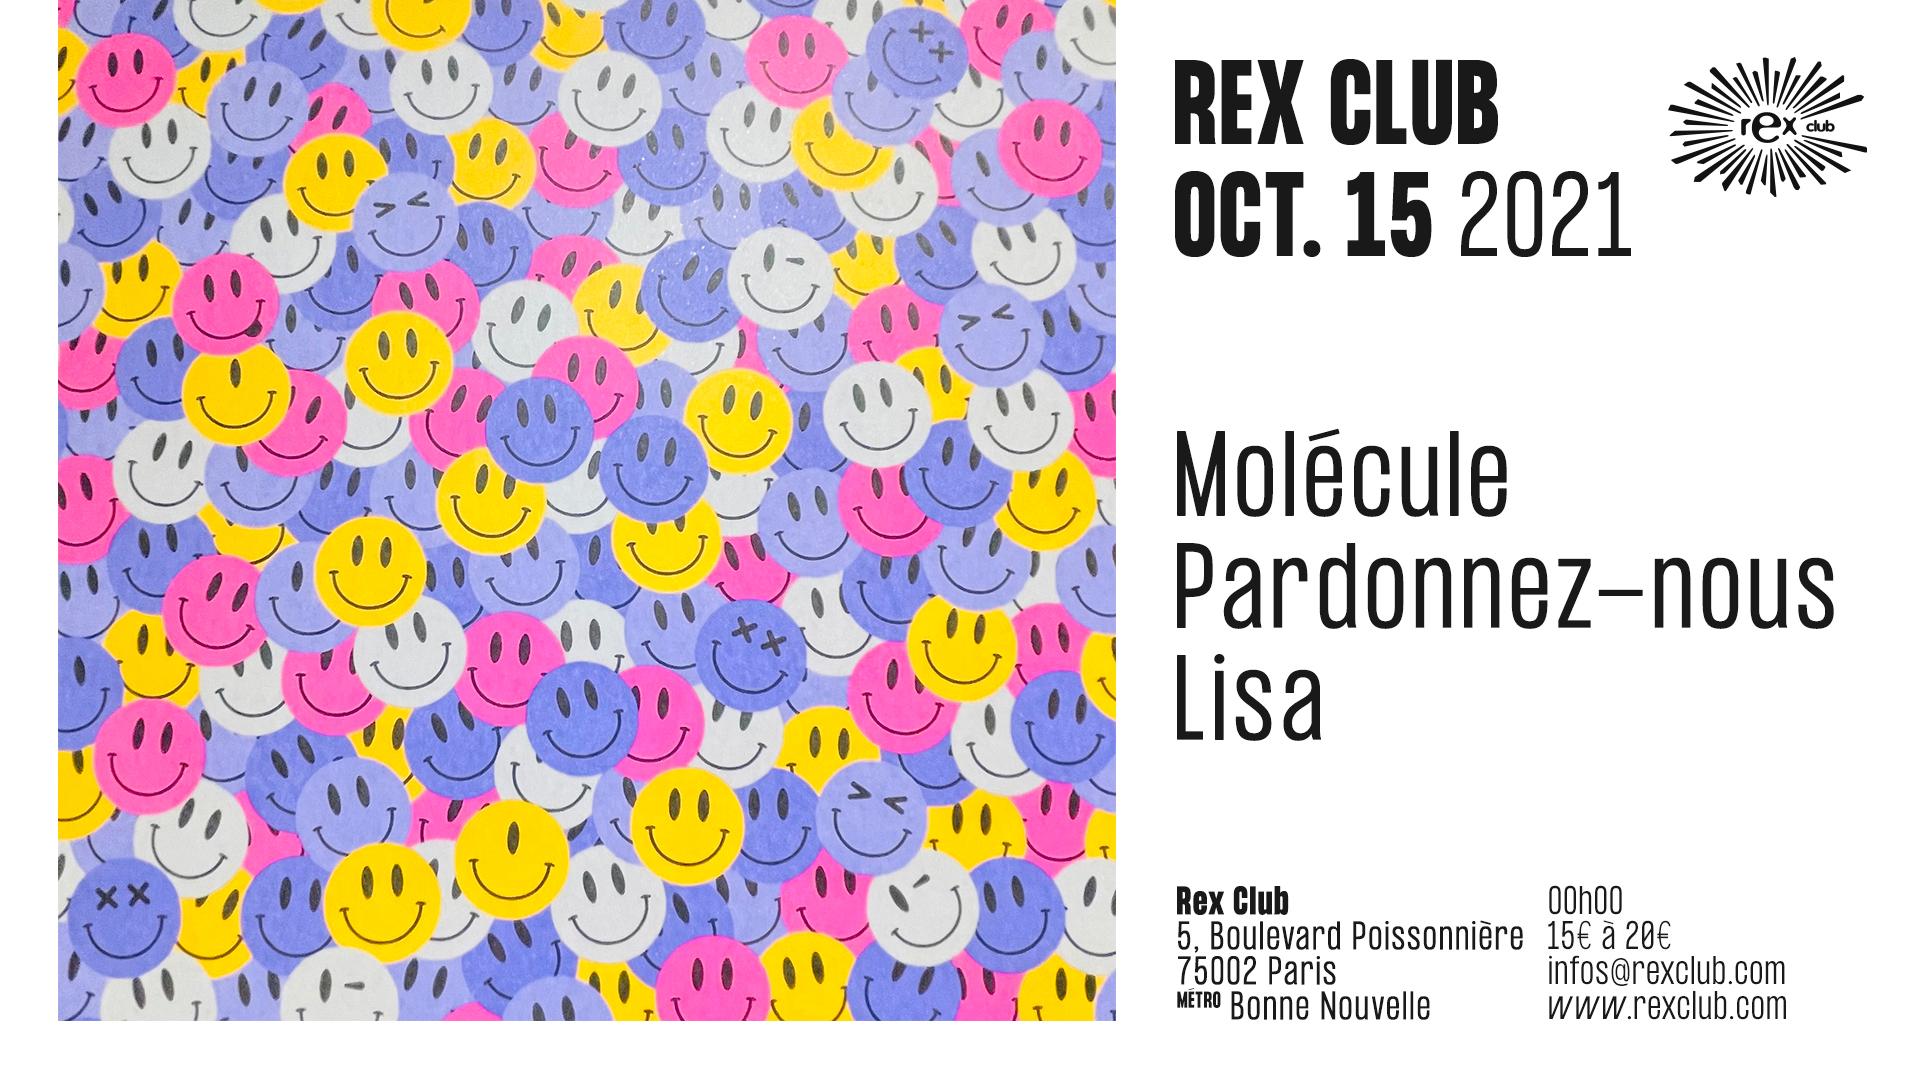 Rex Club Presents : Molécule, Pardonnez-Nous, Lisa